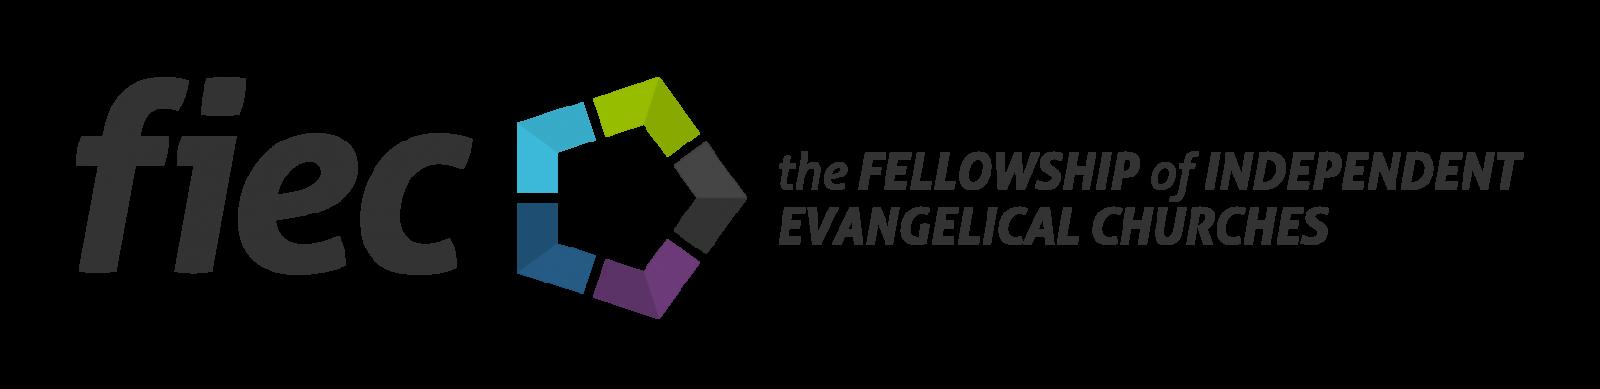 FIEC_logo.png